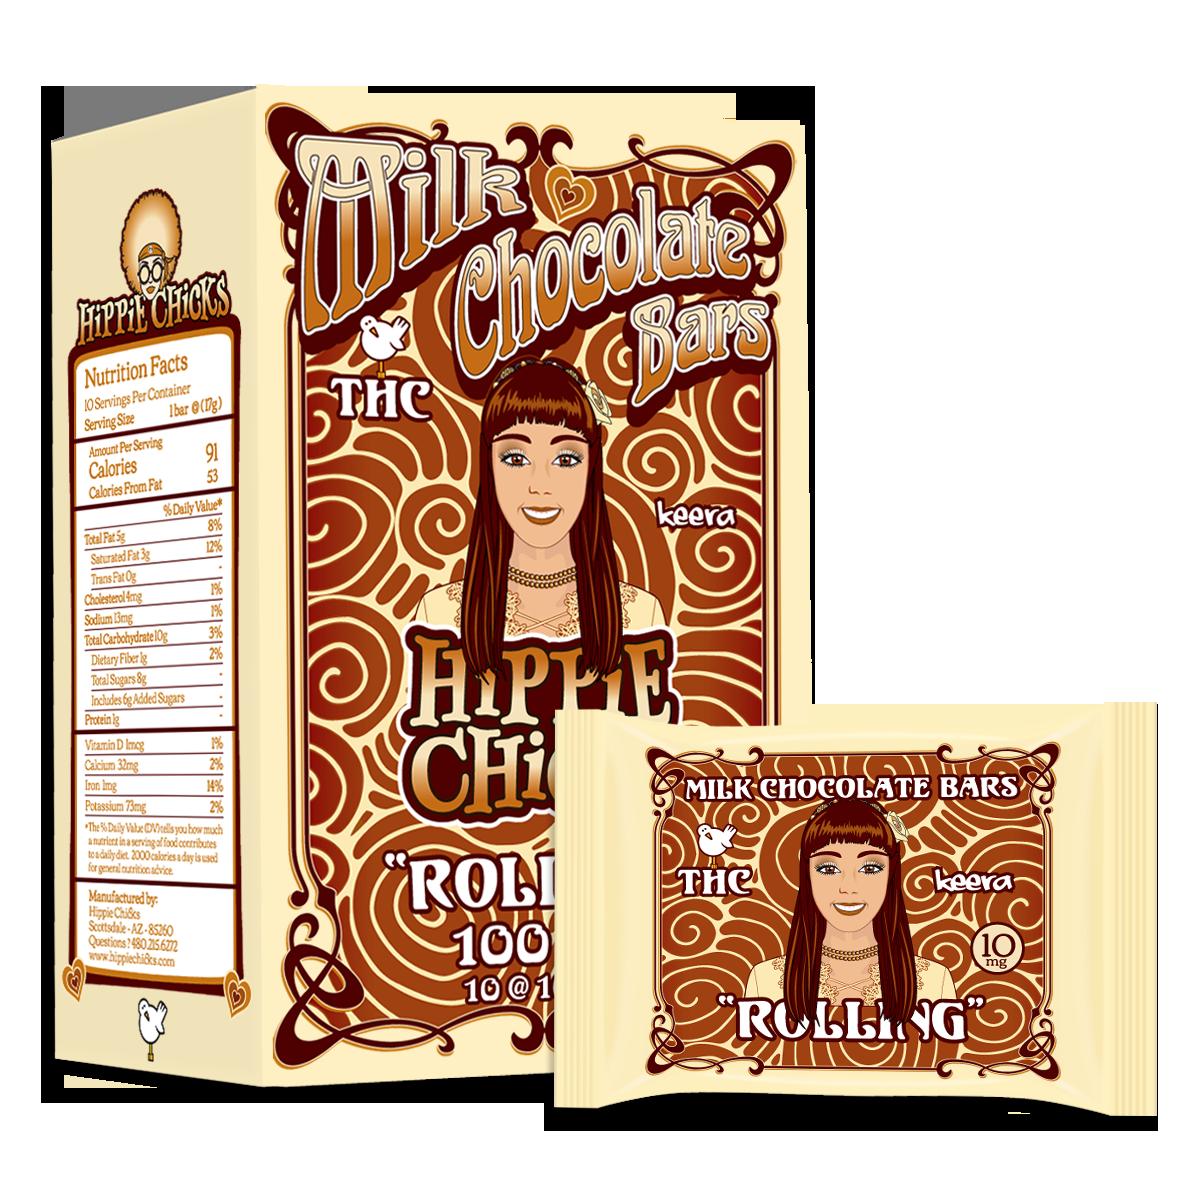 milk-chocolate-bars-marijuana-thc-chocolate-rolling-100